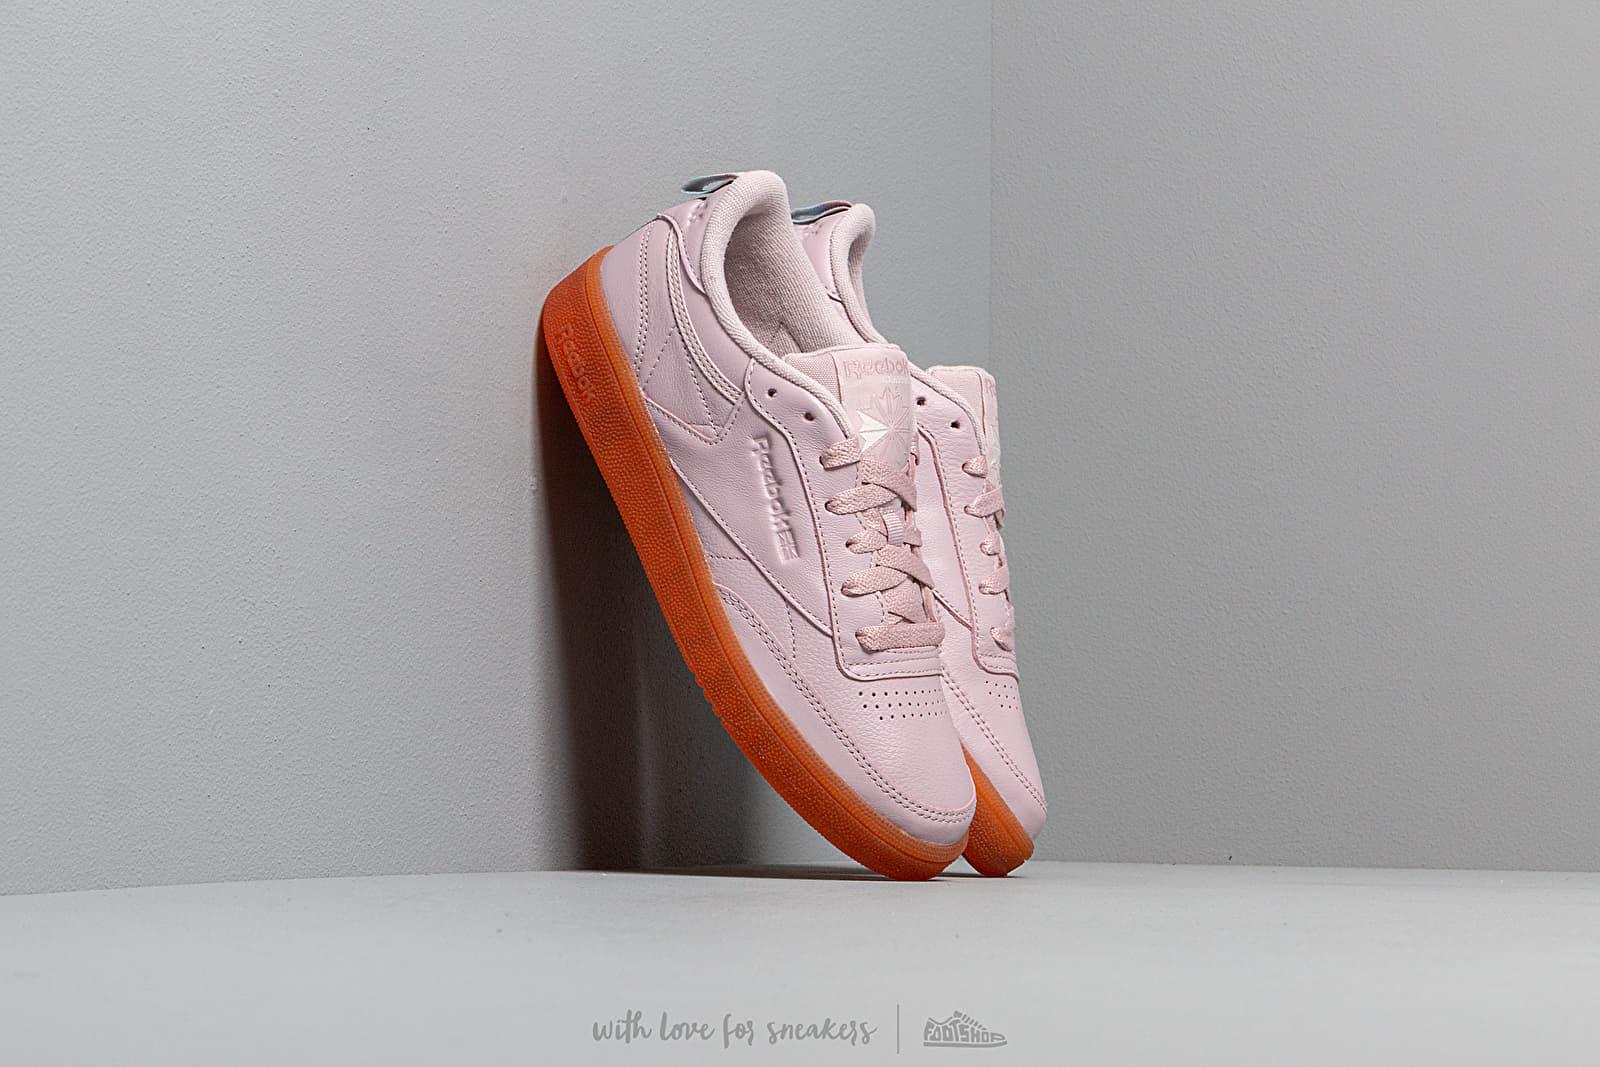 Γυναικεία παπούτσια Reebok Club C 85 Ashen Lilac/ Chalk